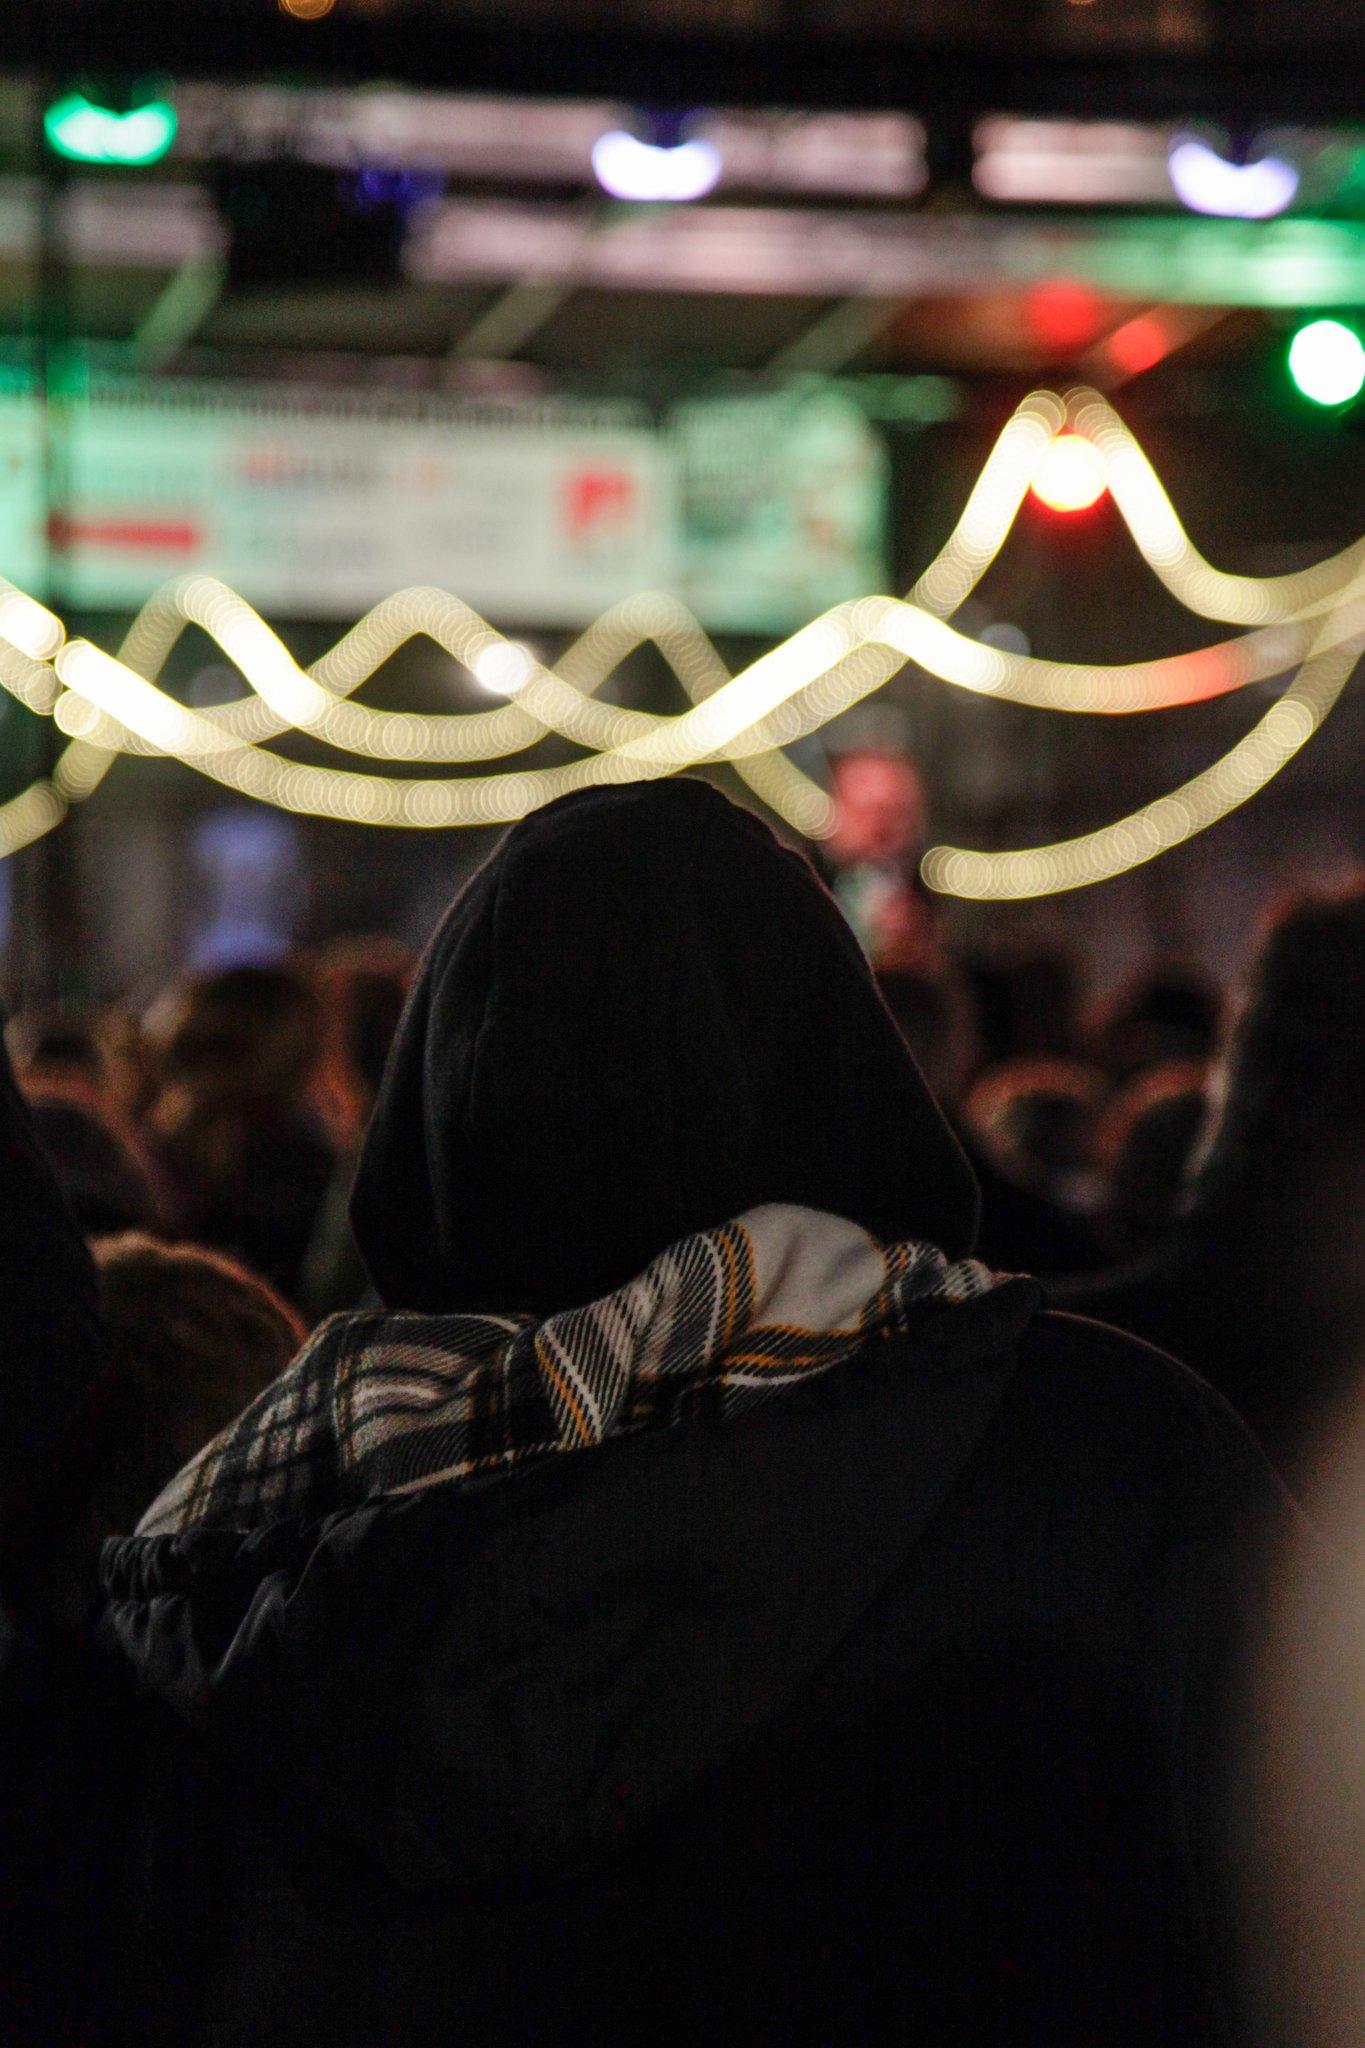 Programm Fur Die Ganze Familie Sechswochiger Weihnachtsmarkt Auf Dem Neutorplatz In Dinslaken Offnet Am Samstag Dinslaken